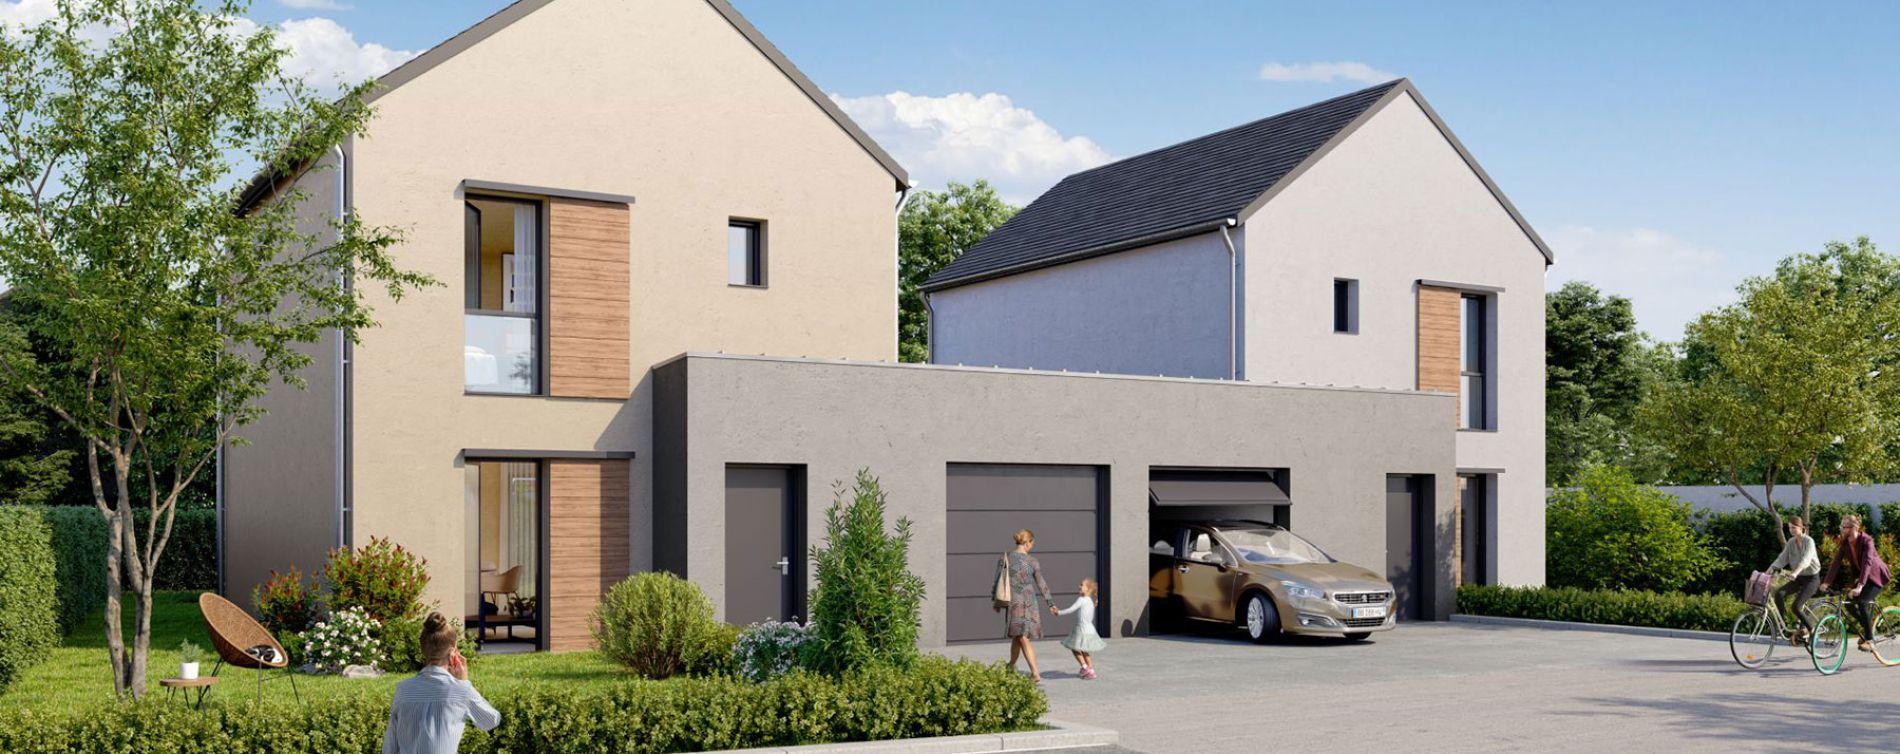 Bouchemaine : programme immobilier neuve « Le Domaine de Rochebrune » (2)